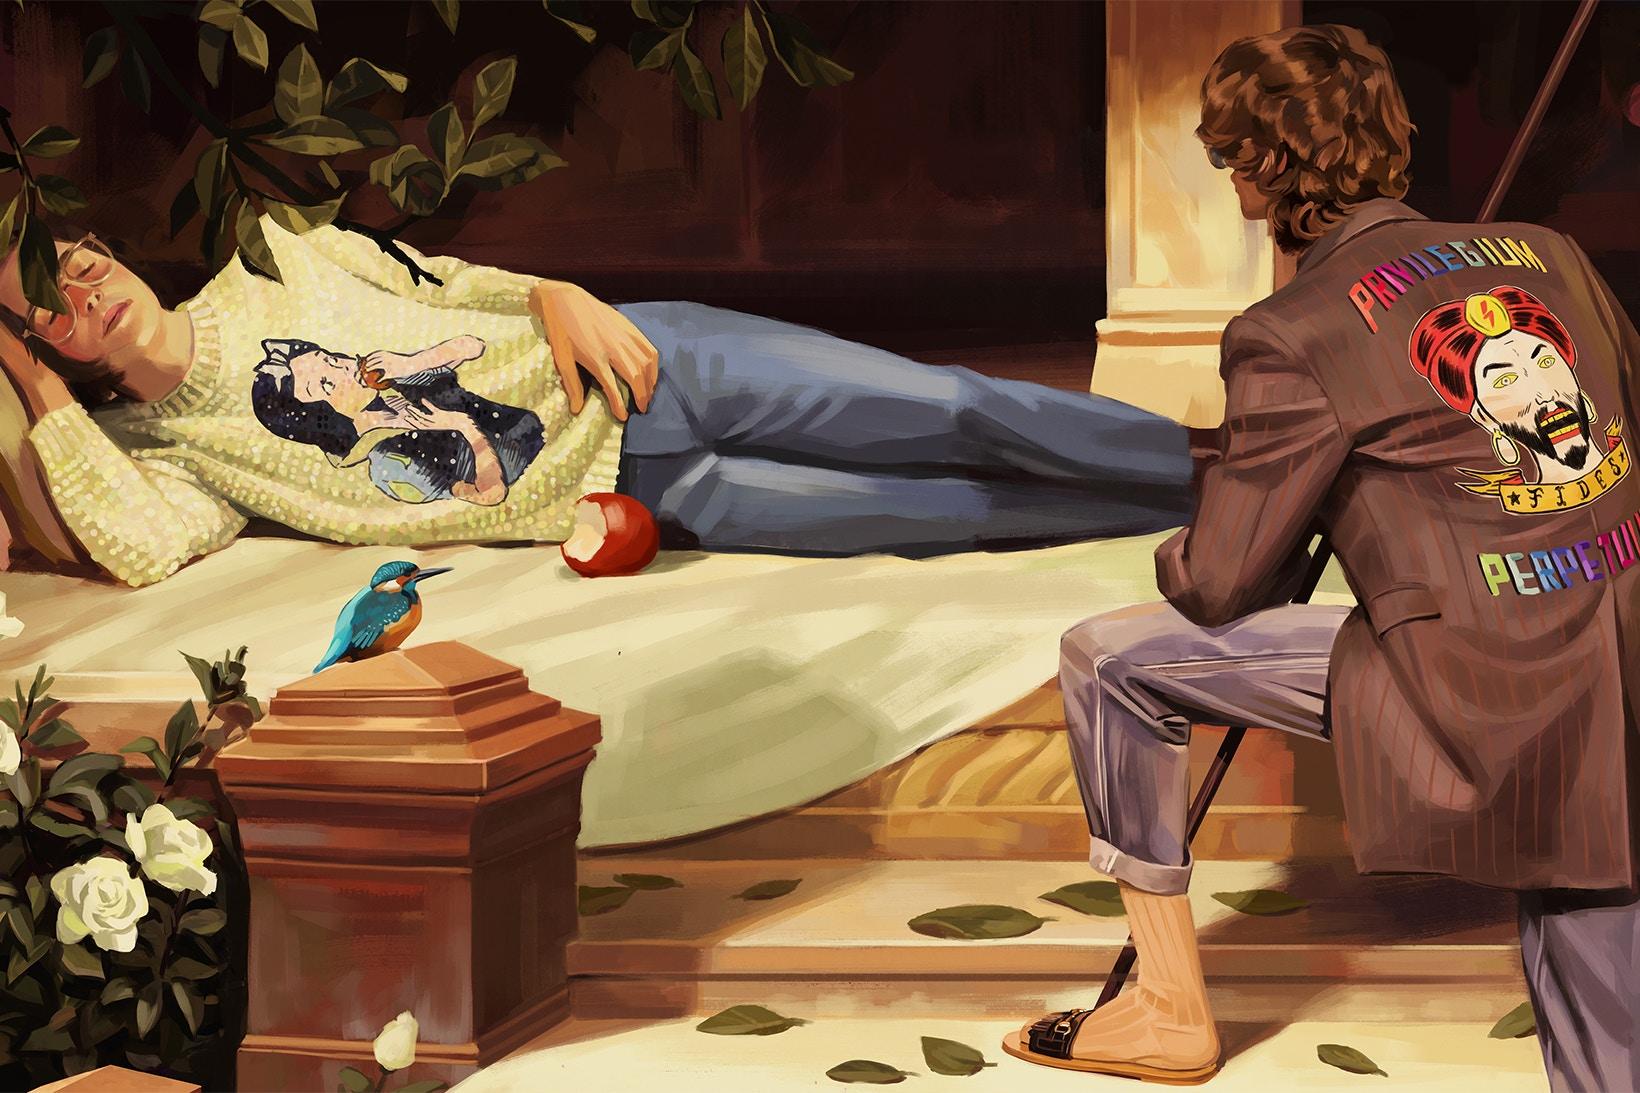 結合了《睡美人》與《白雪公主》(藍鳥是重點)兩個經典童話故事